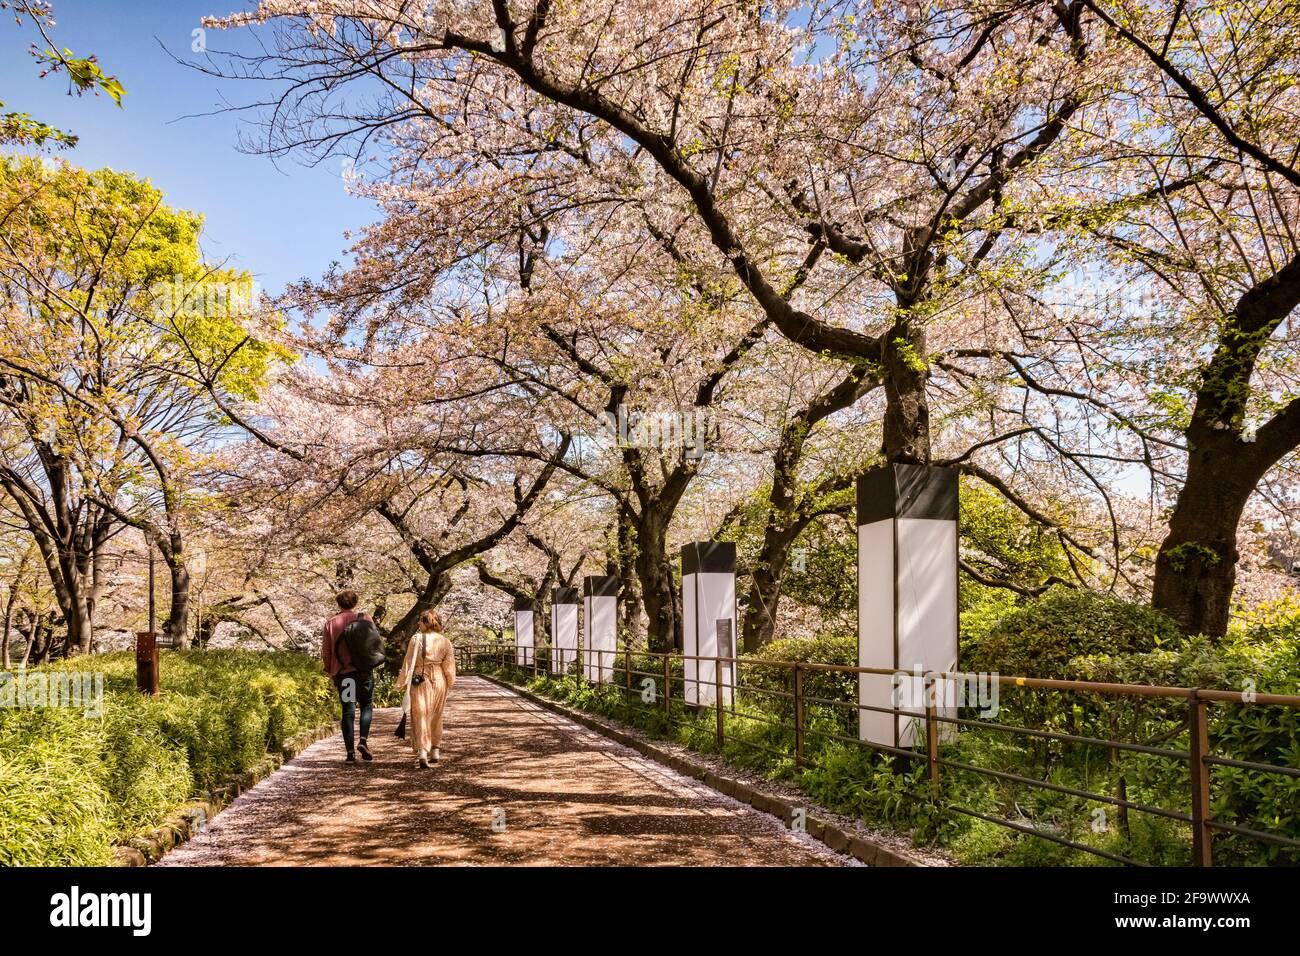 9 de abril de 2019: Tokio, Japón - Pasear junto al foso del Palacio Imperial, Tokio, en temporada de flores de cerezo. Foto de stock